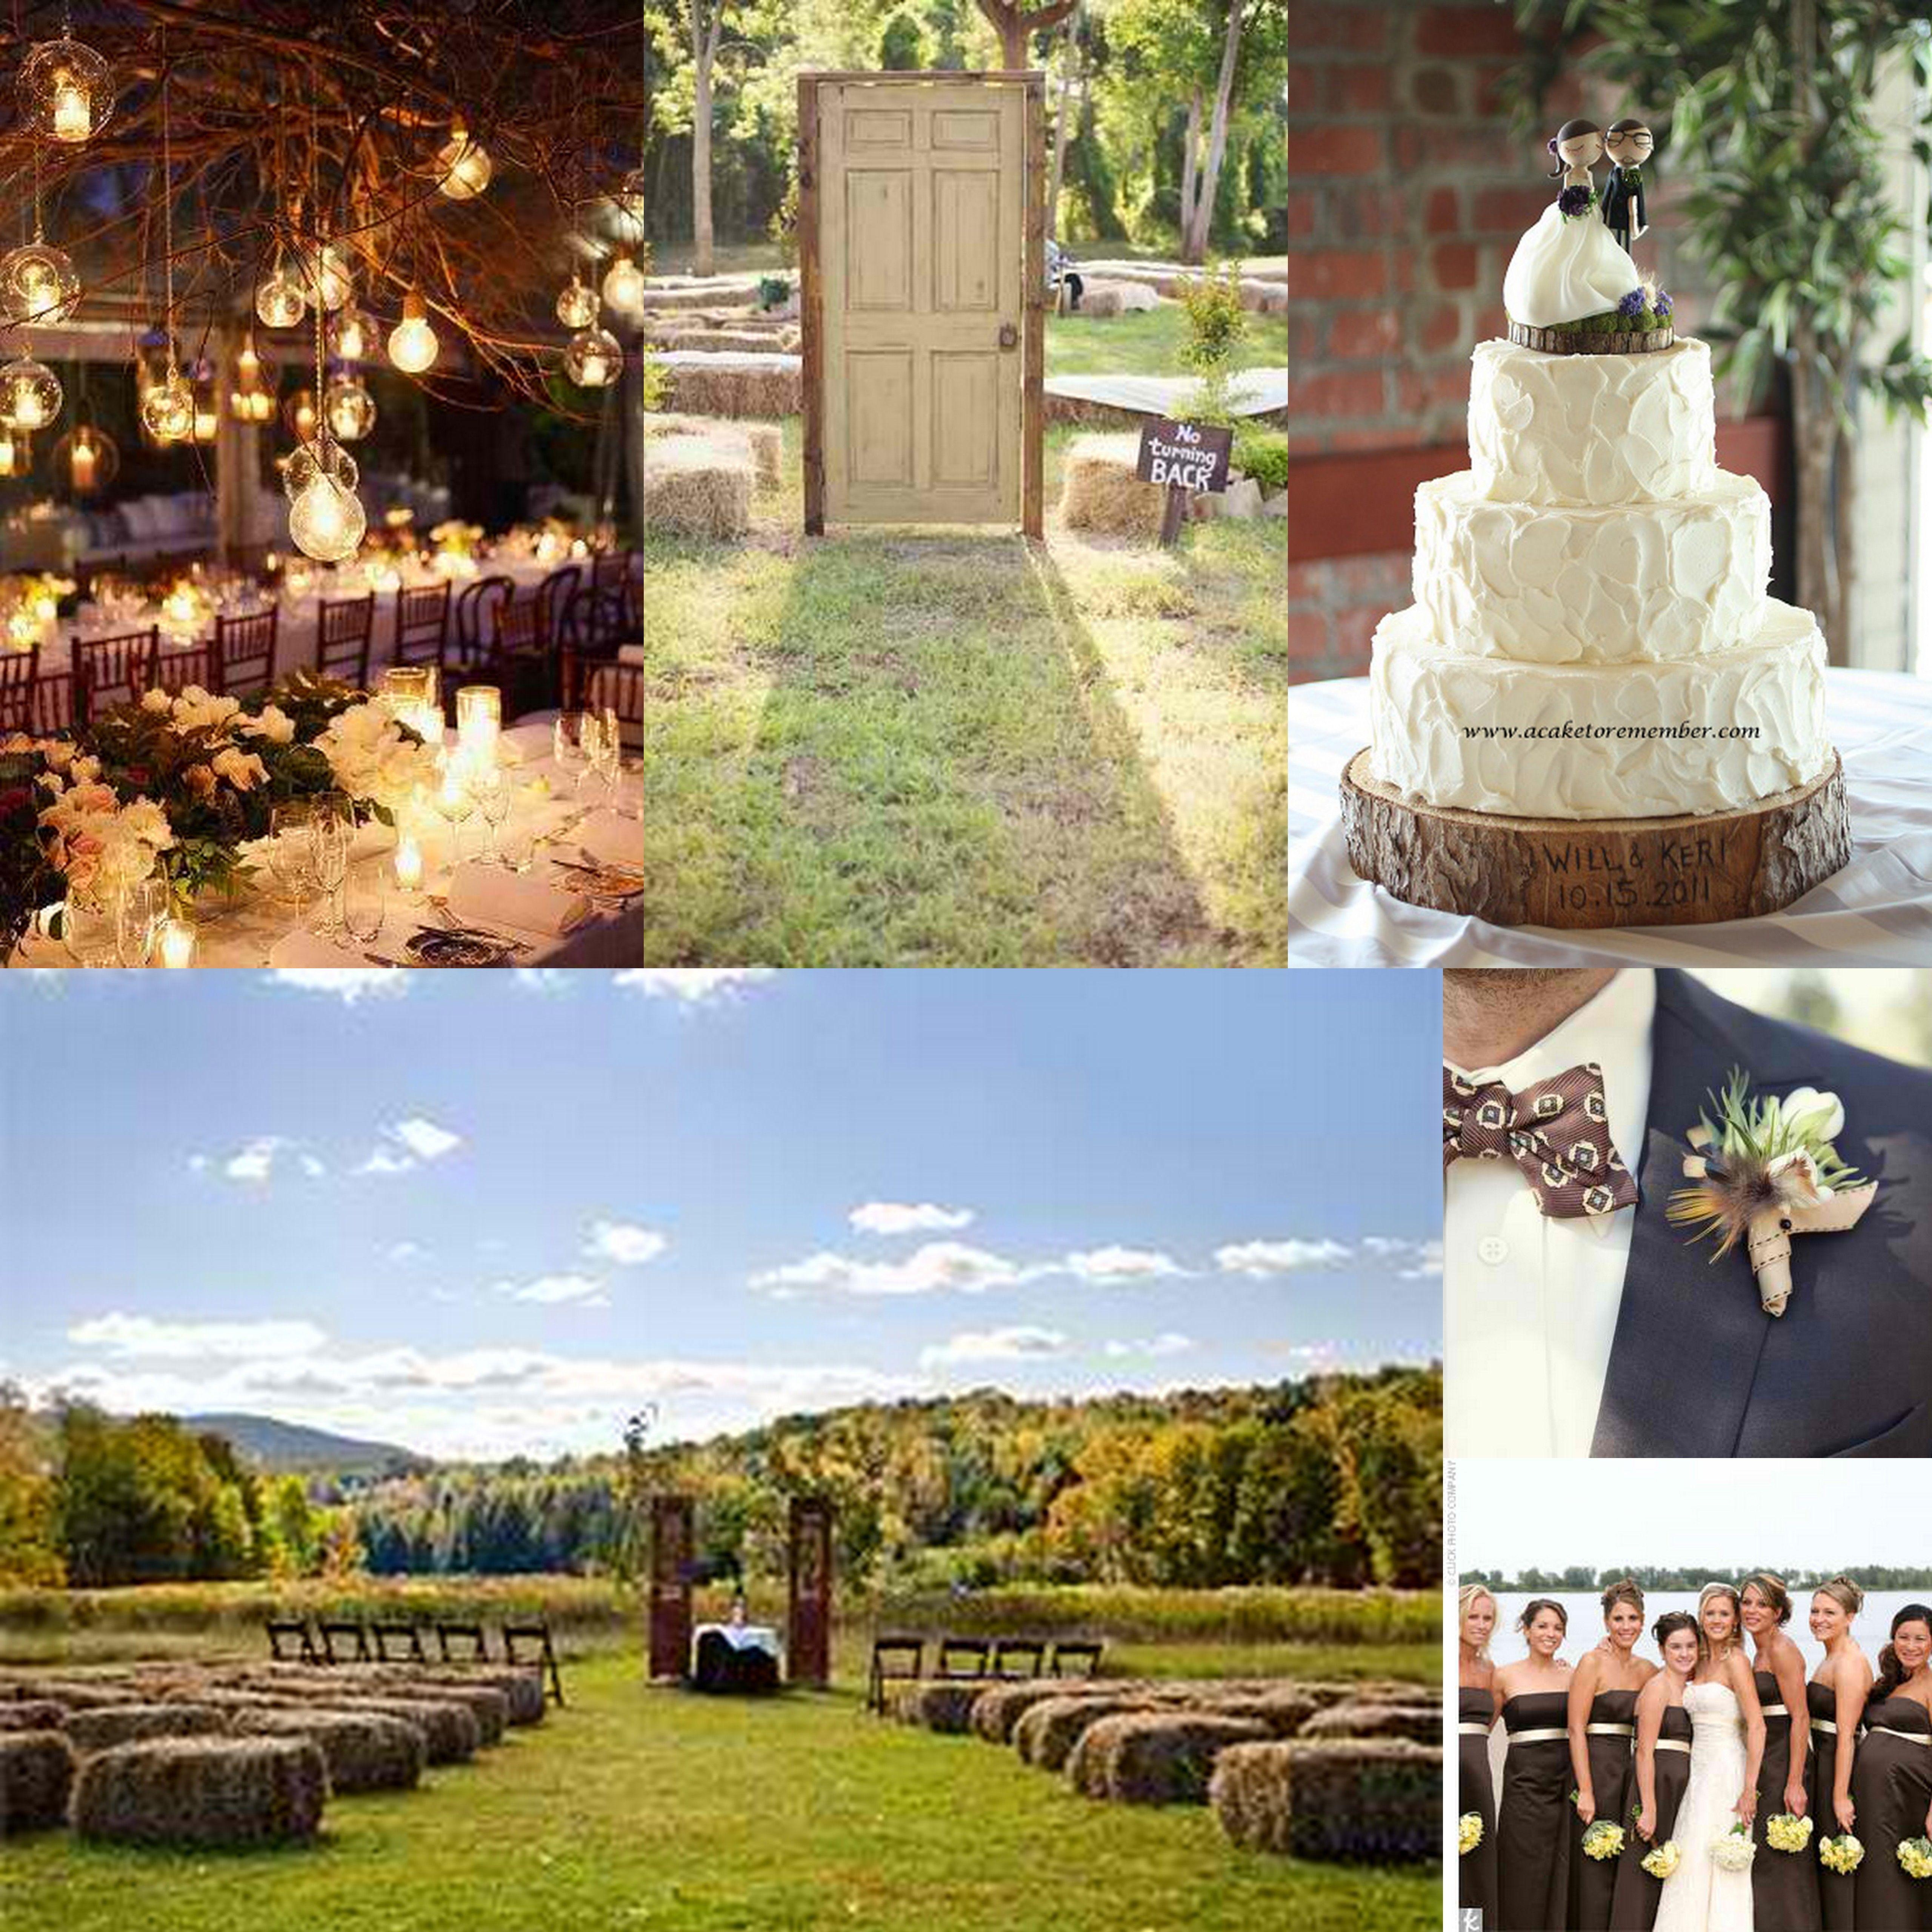 Rustic Outdoor Country Weddings Idea